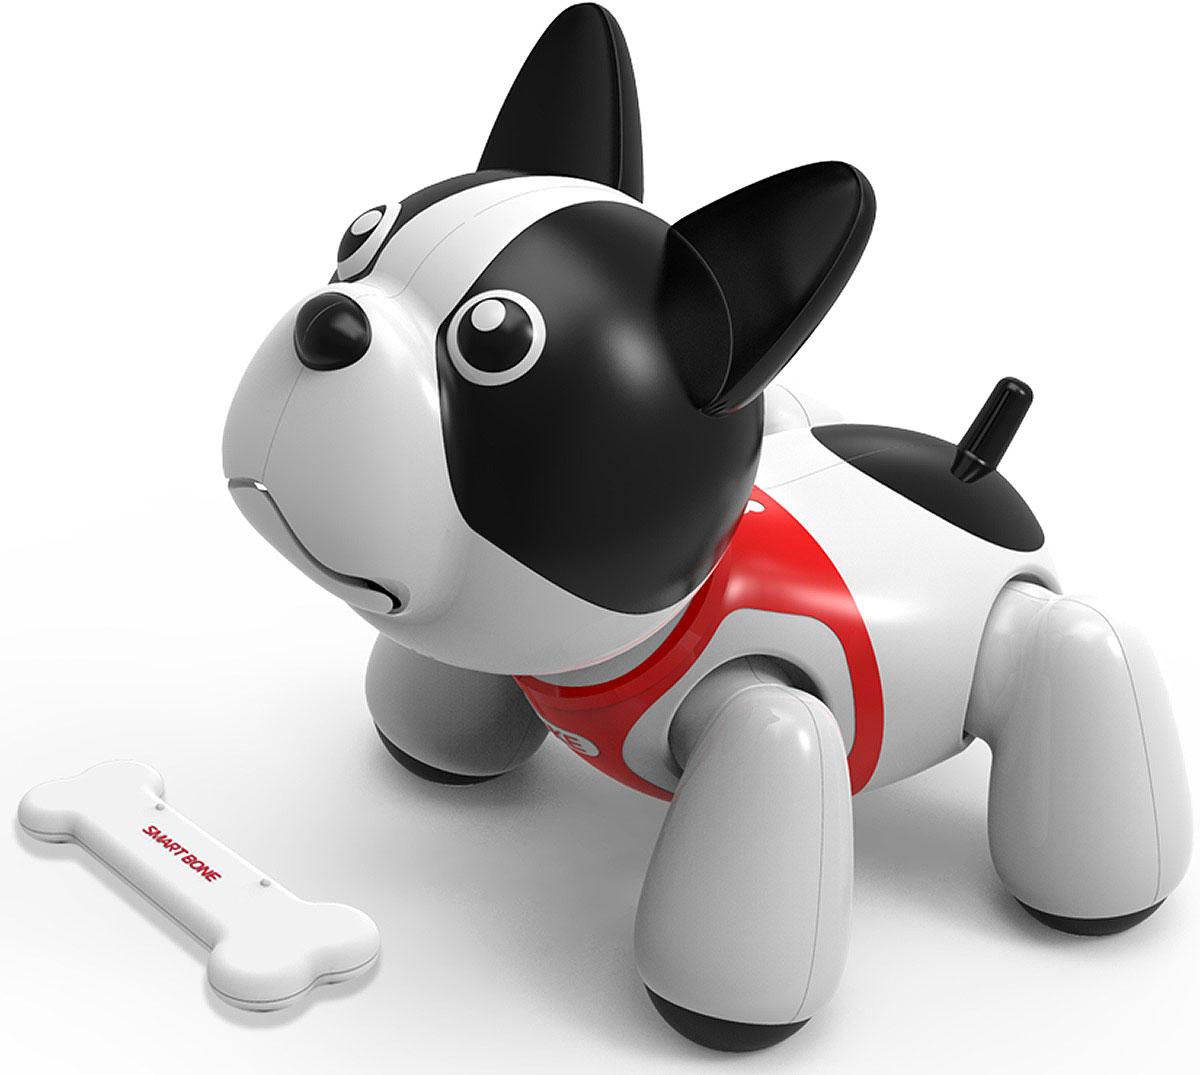 Игрушка робот собака фото впечатление, что